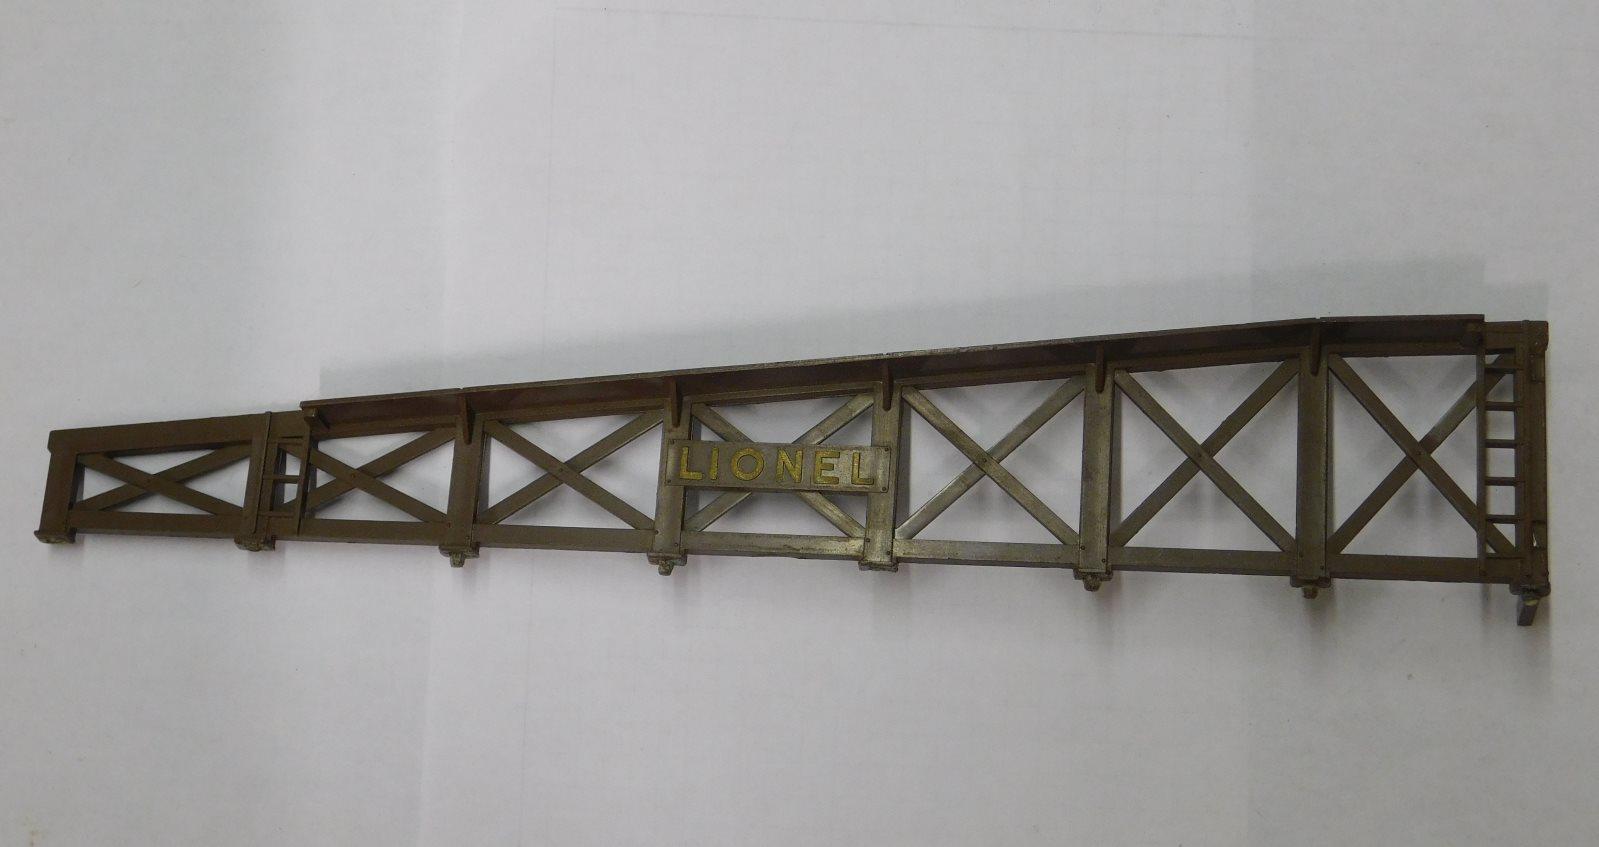 LIONEL TRAINS TILTING GATE for 362 BARREL LOADER Postwar O 027 Gauge